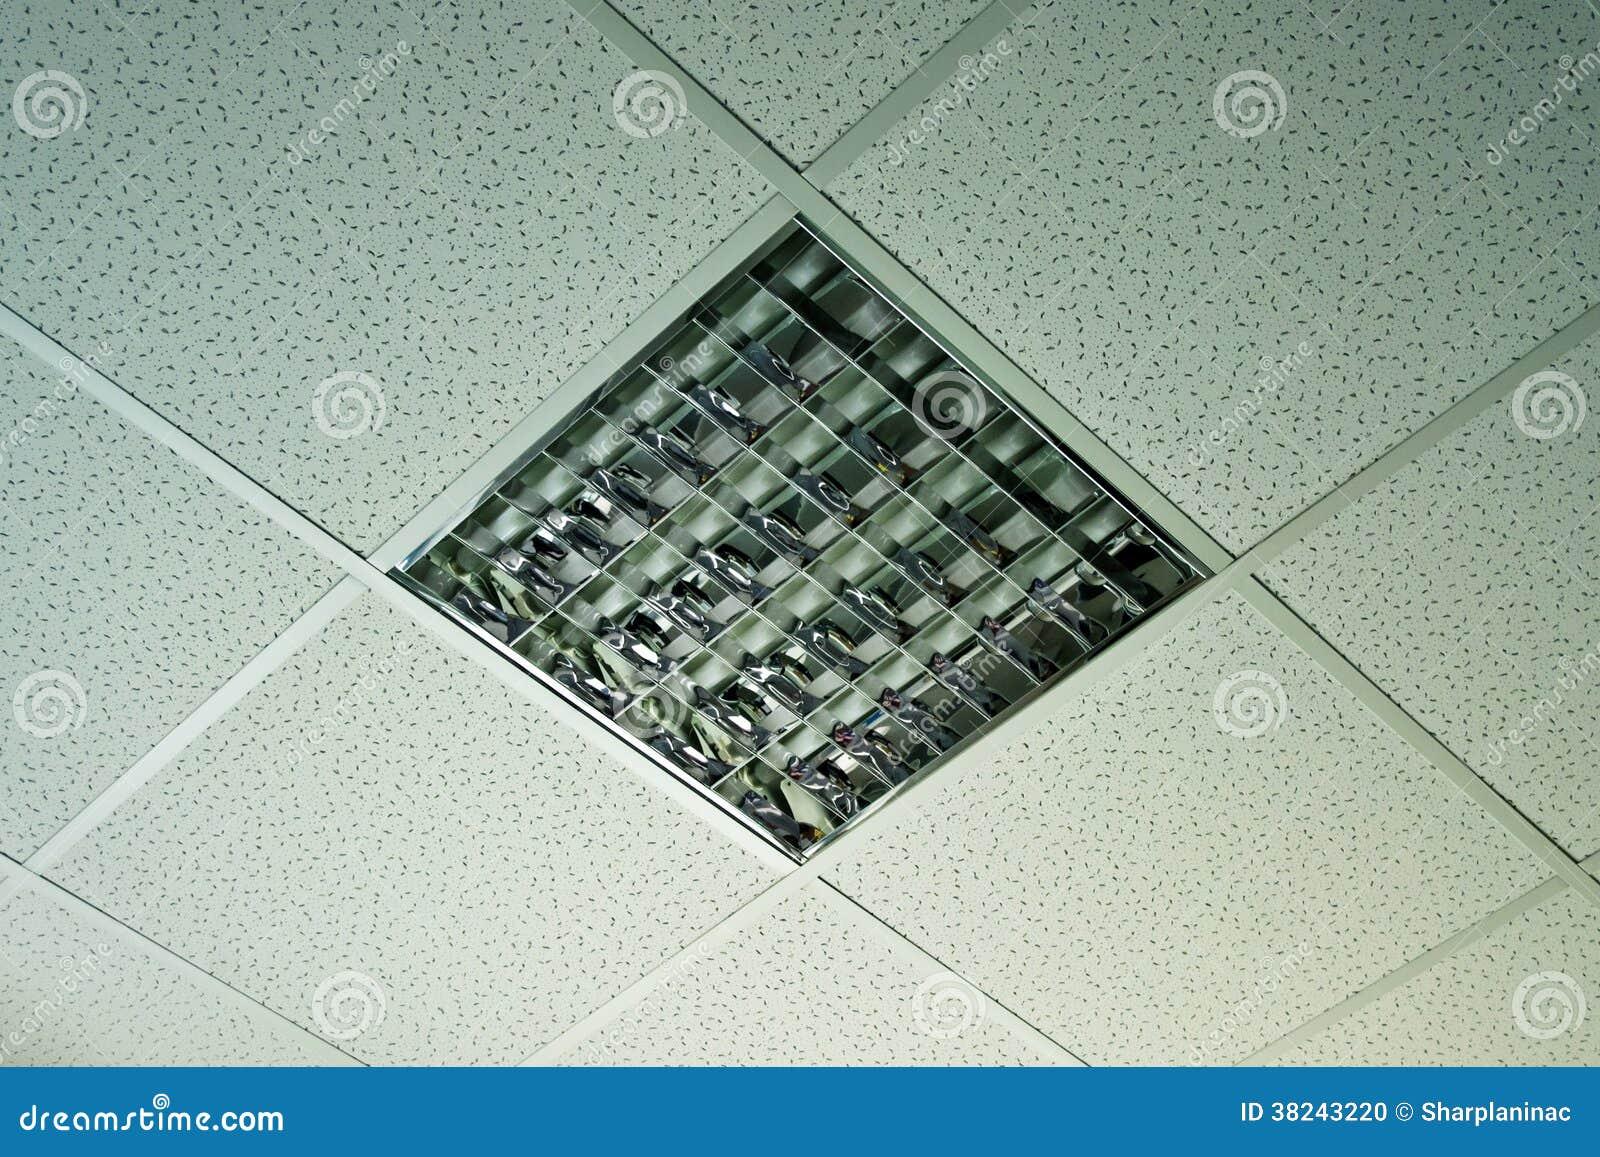 Plafoniera Ufficio : Plafoniera dell ufficio fotografia stock immagine di apparecchio